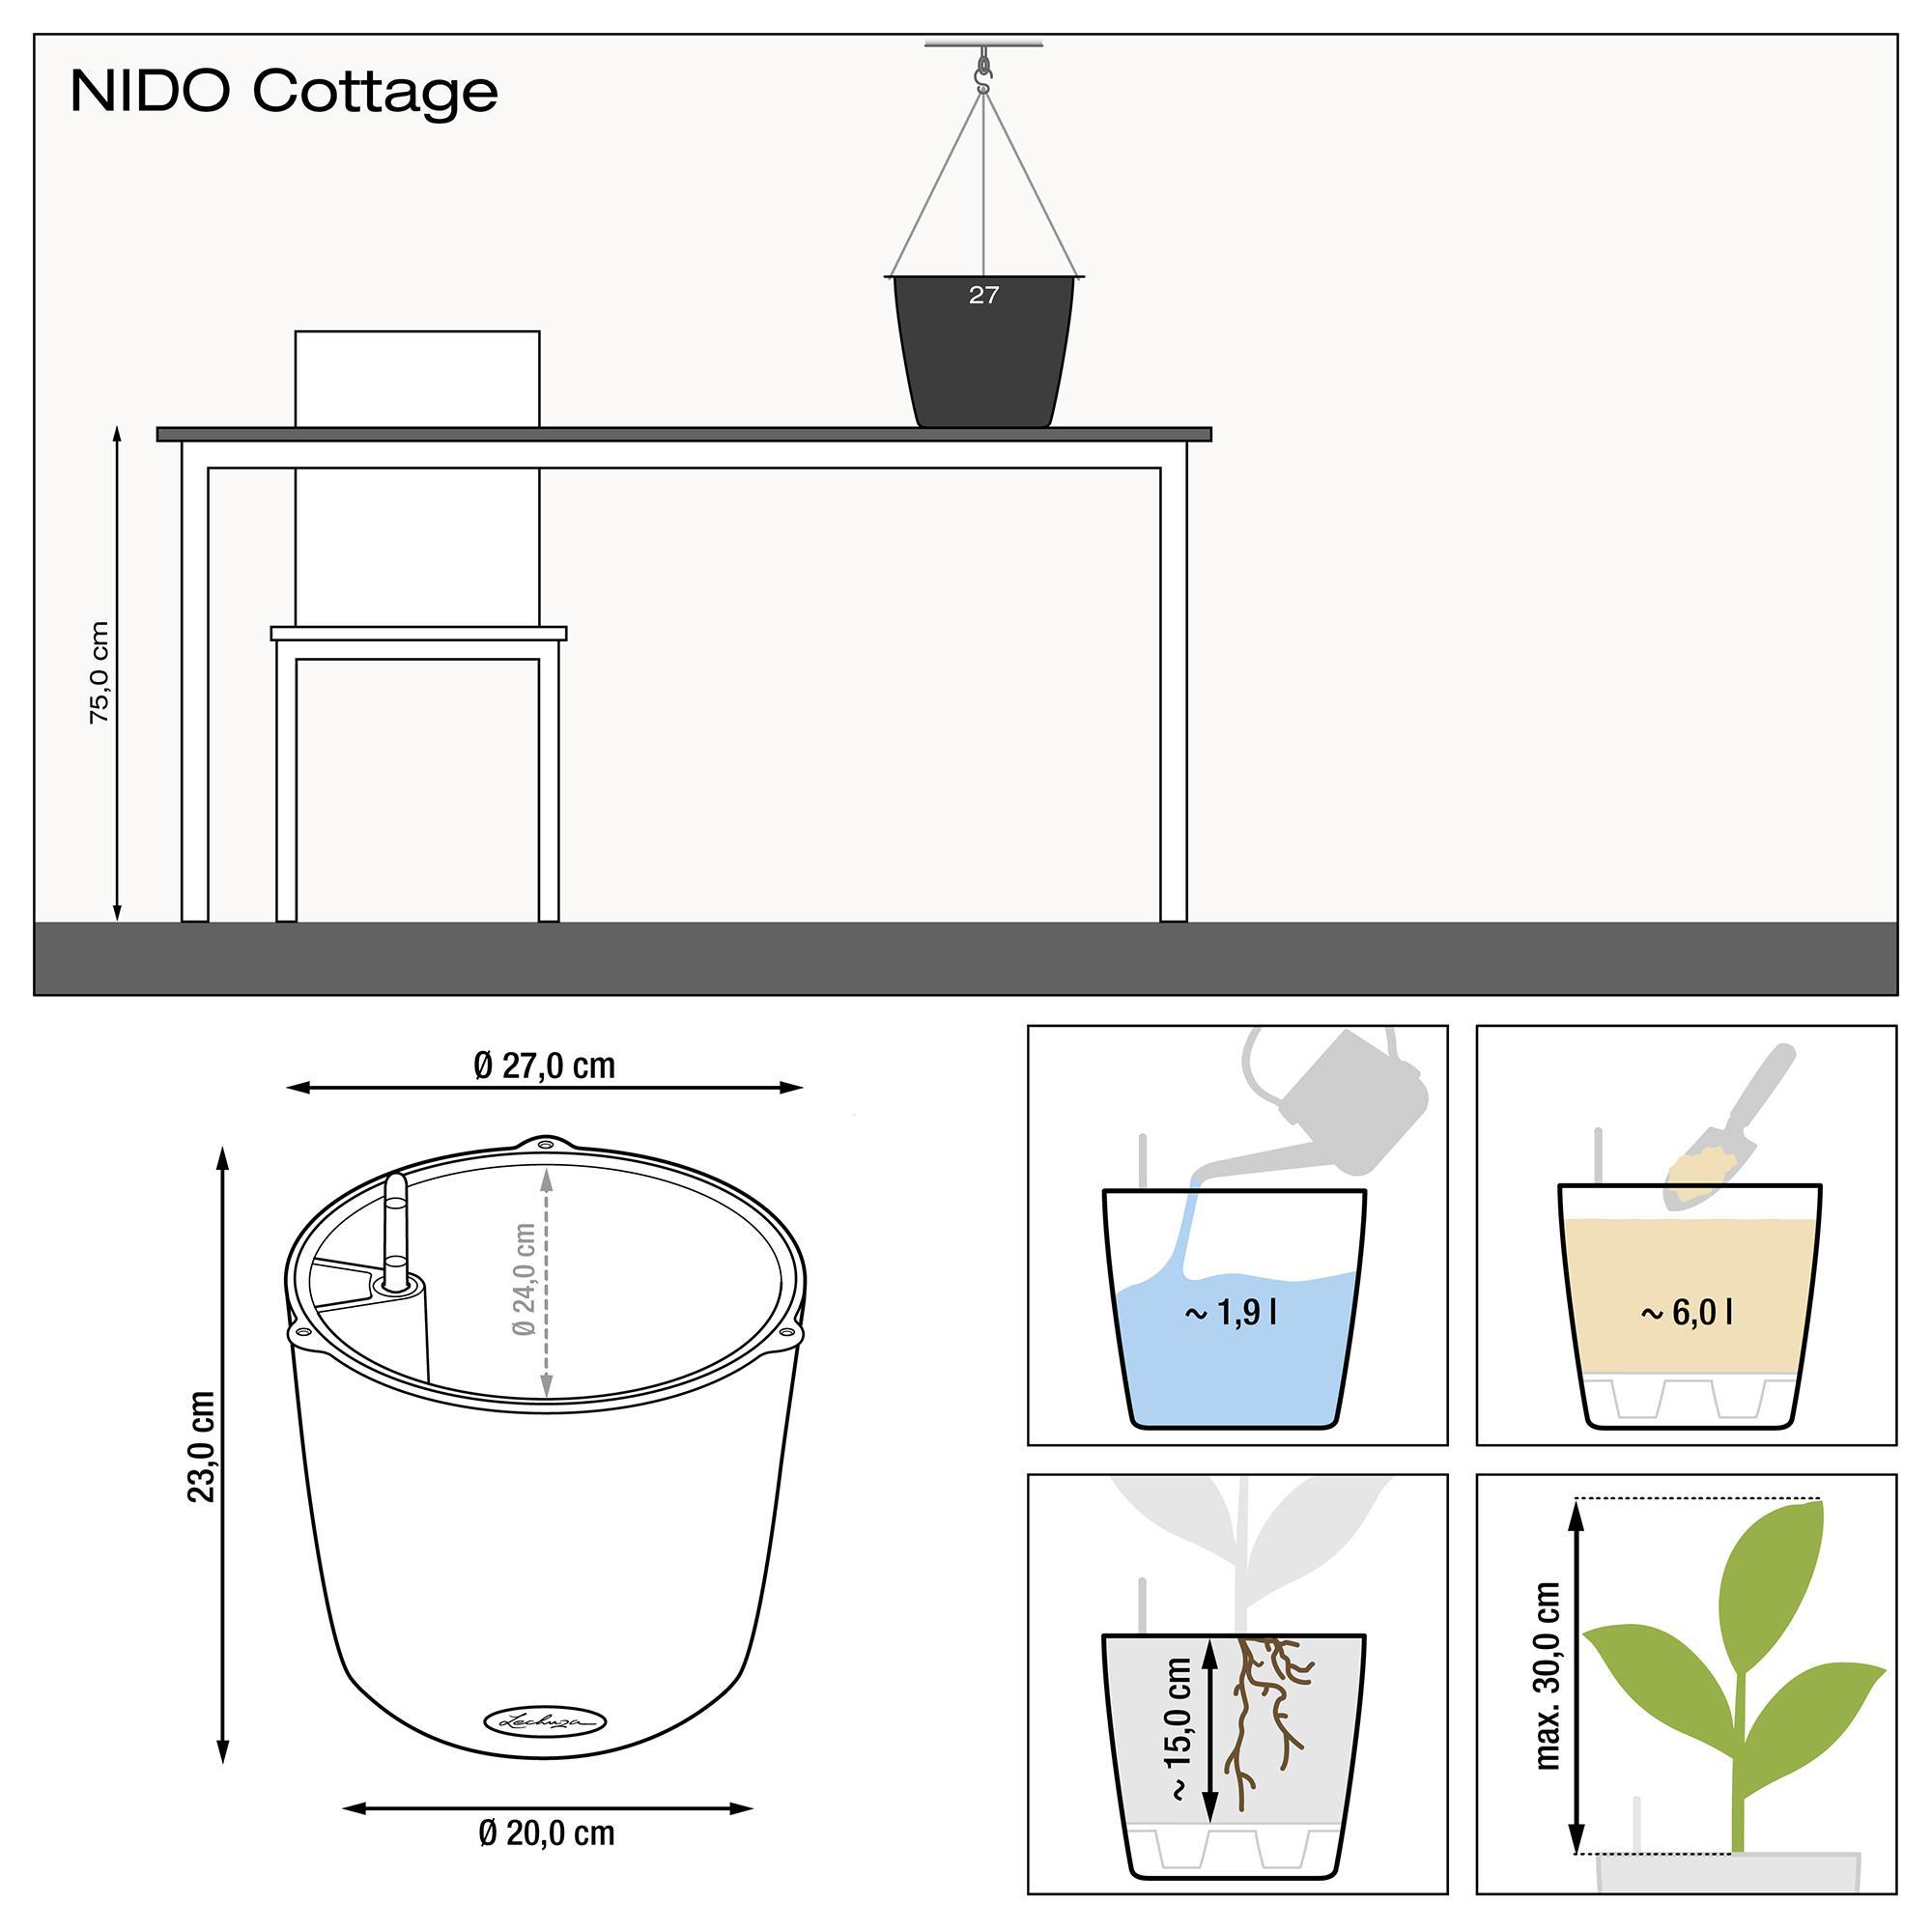 NIDO Cottage mocha - Image 3